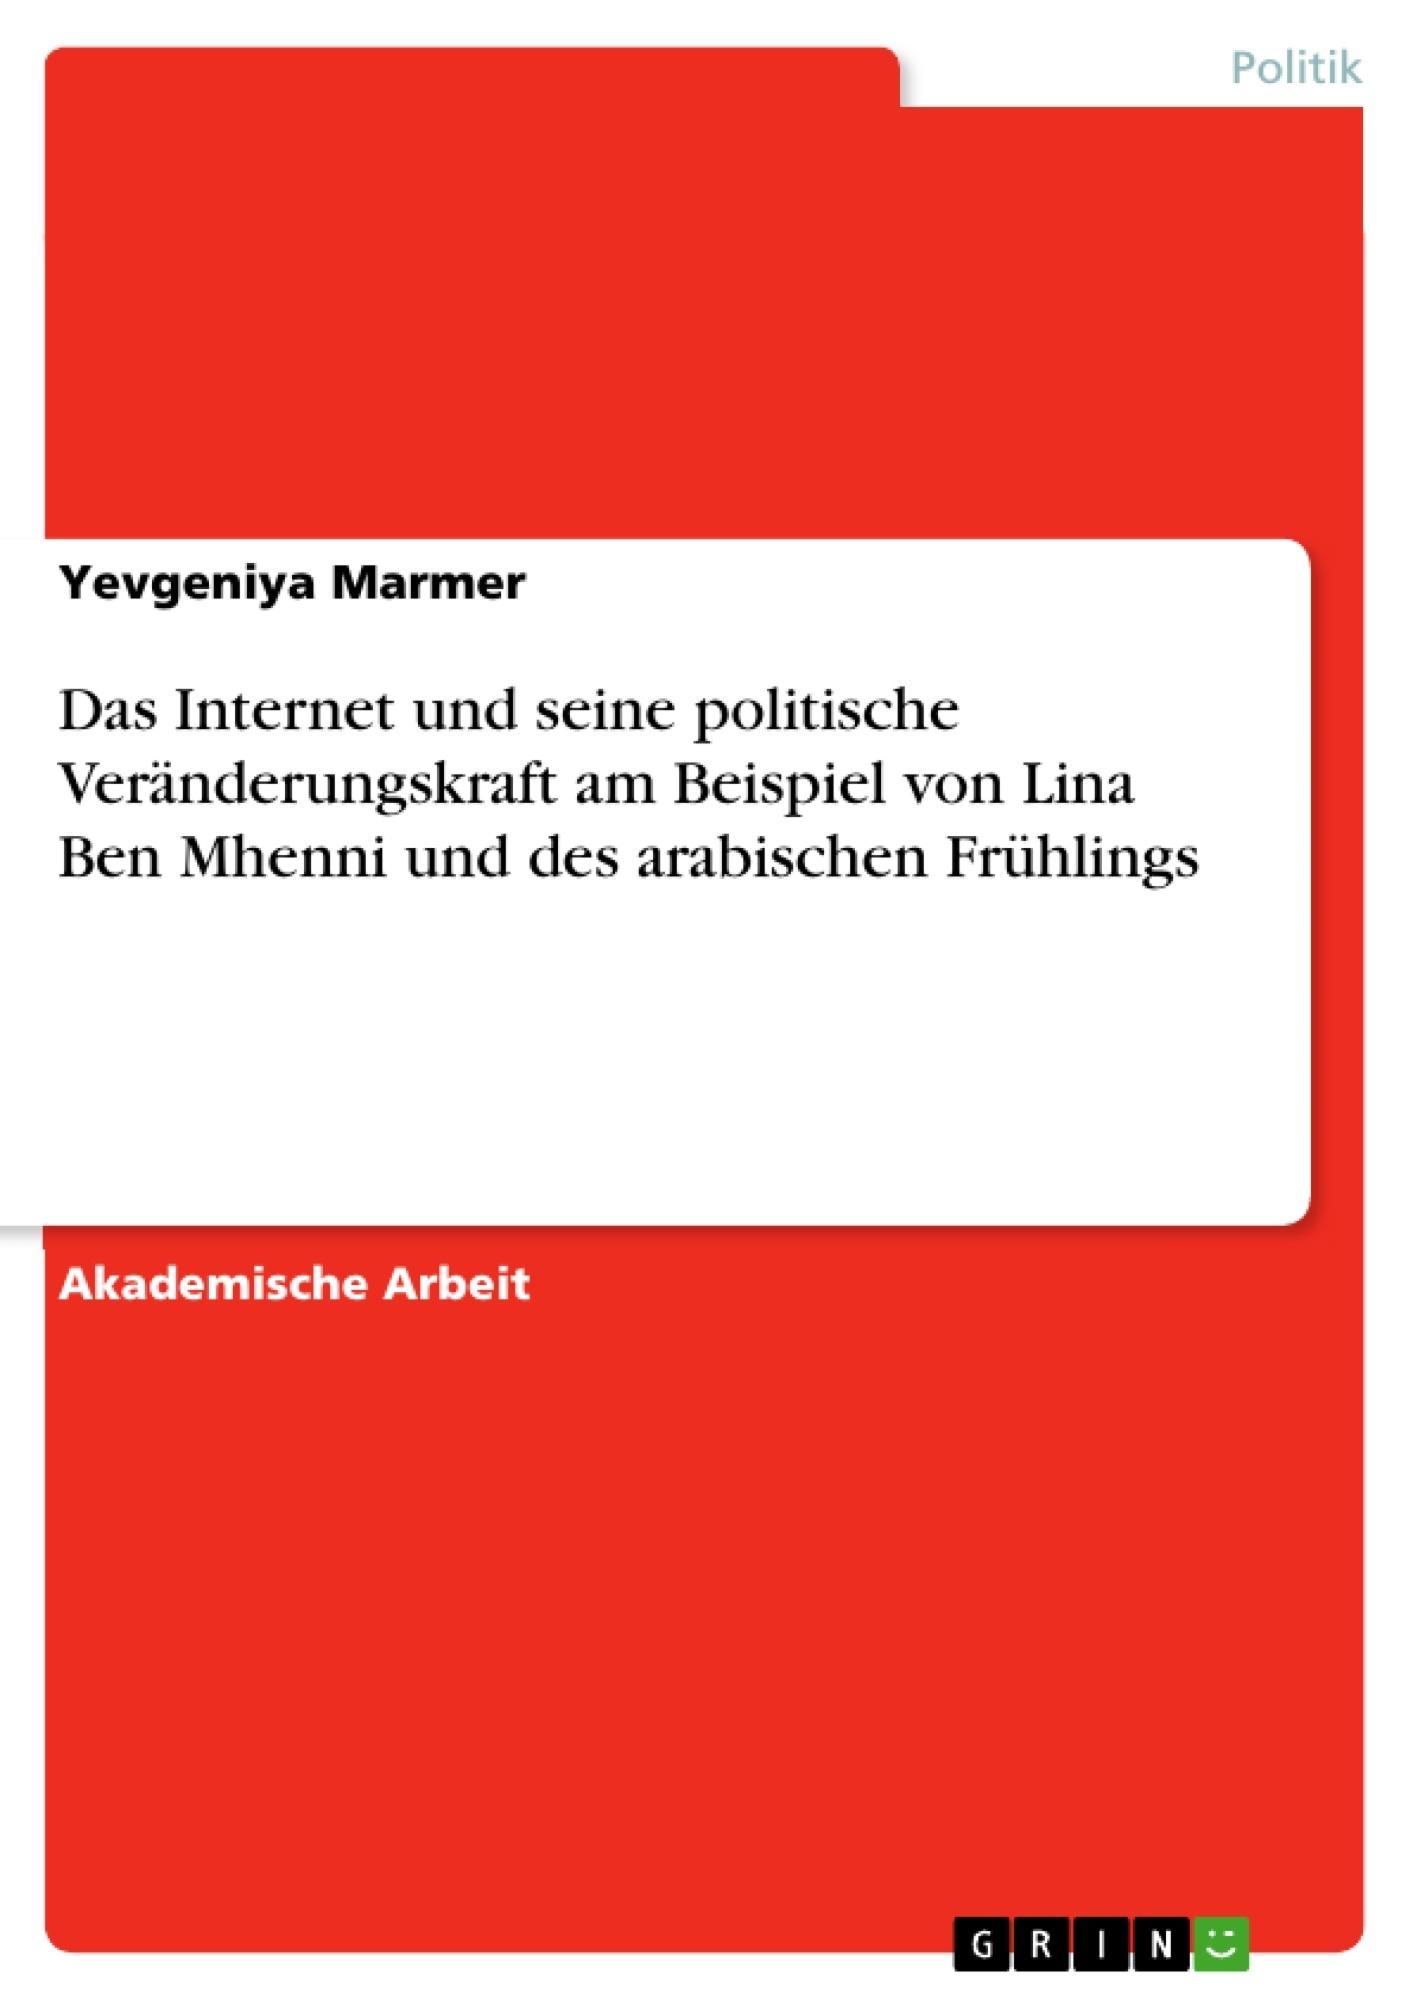 Titel: Das Internet und seine politische Veränderungskraft am Beispiel von Lina Ben Mhenni und des arabischen Frühlings